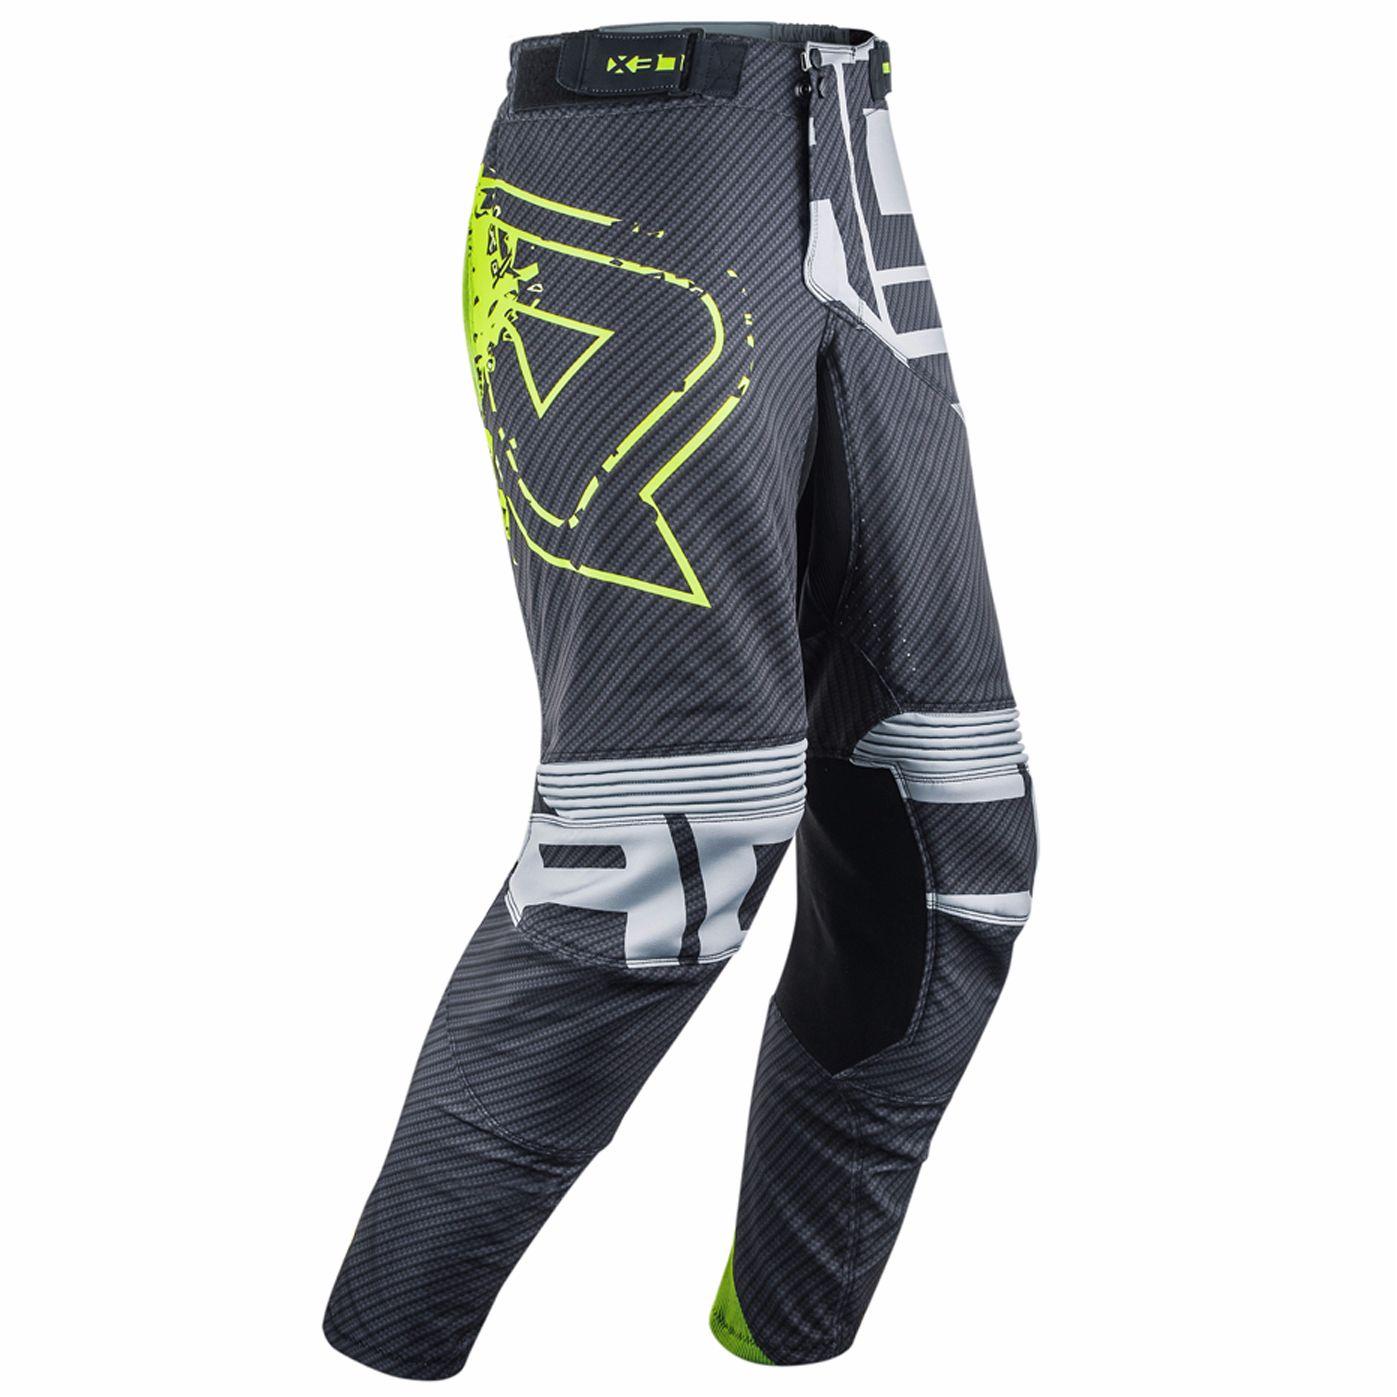 Pantalon Cross Acerbis Carbon Flex - Noir Jaune Fluo -